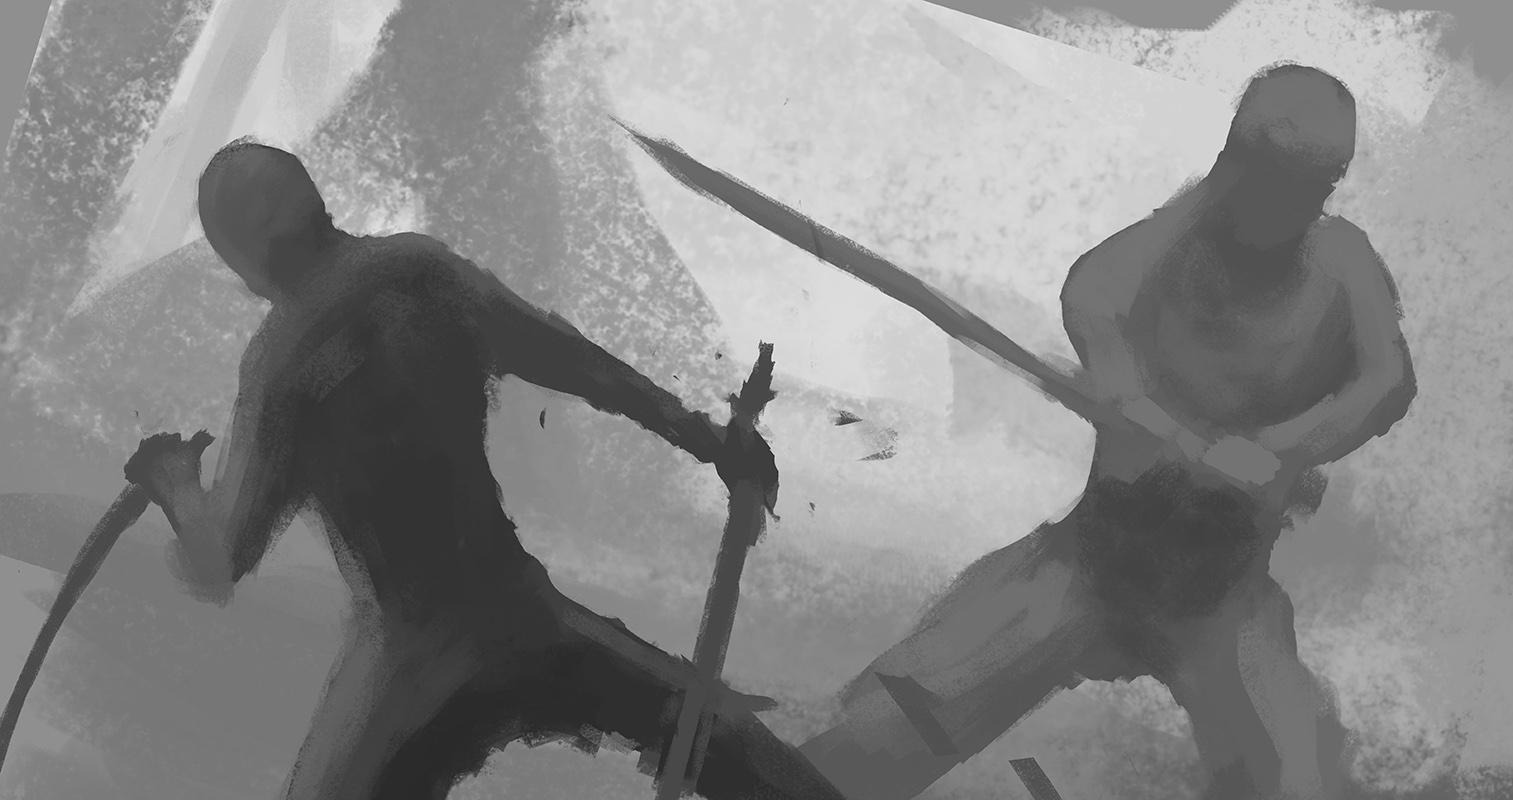 RenderRu - Shadow Fight III 016-003-003.jpg